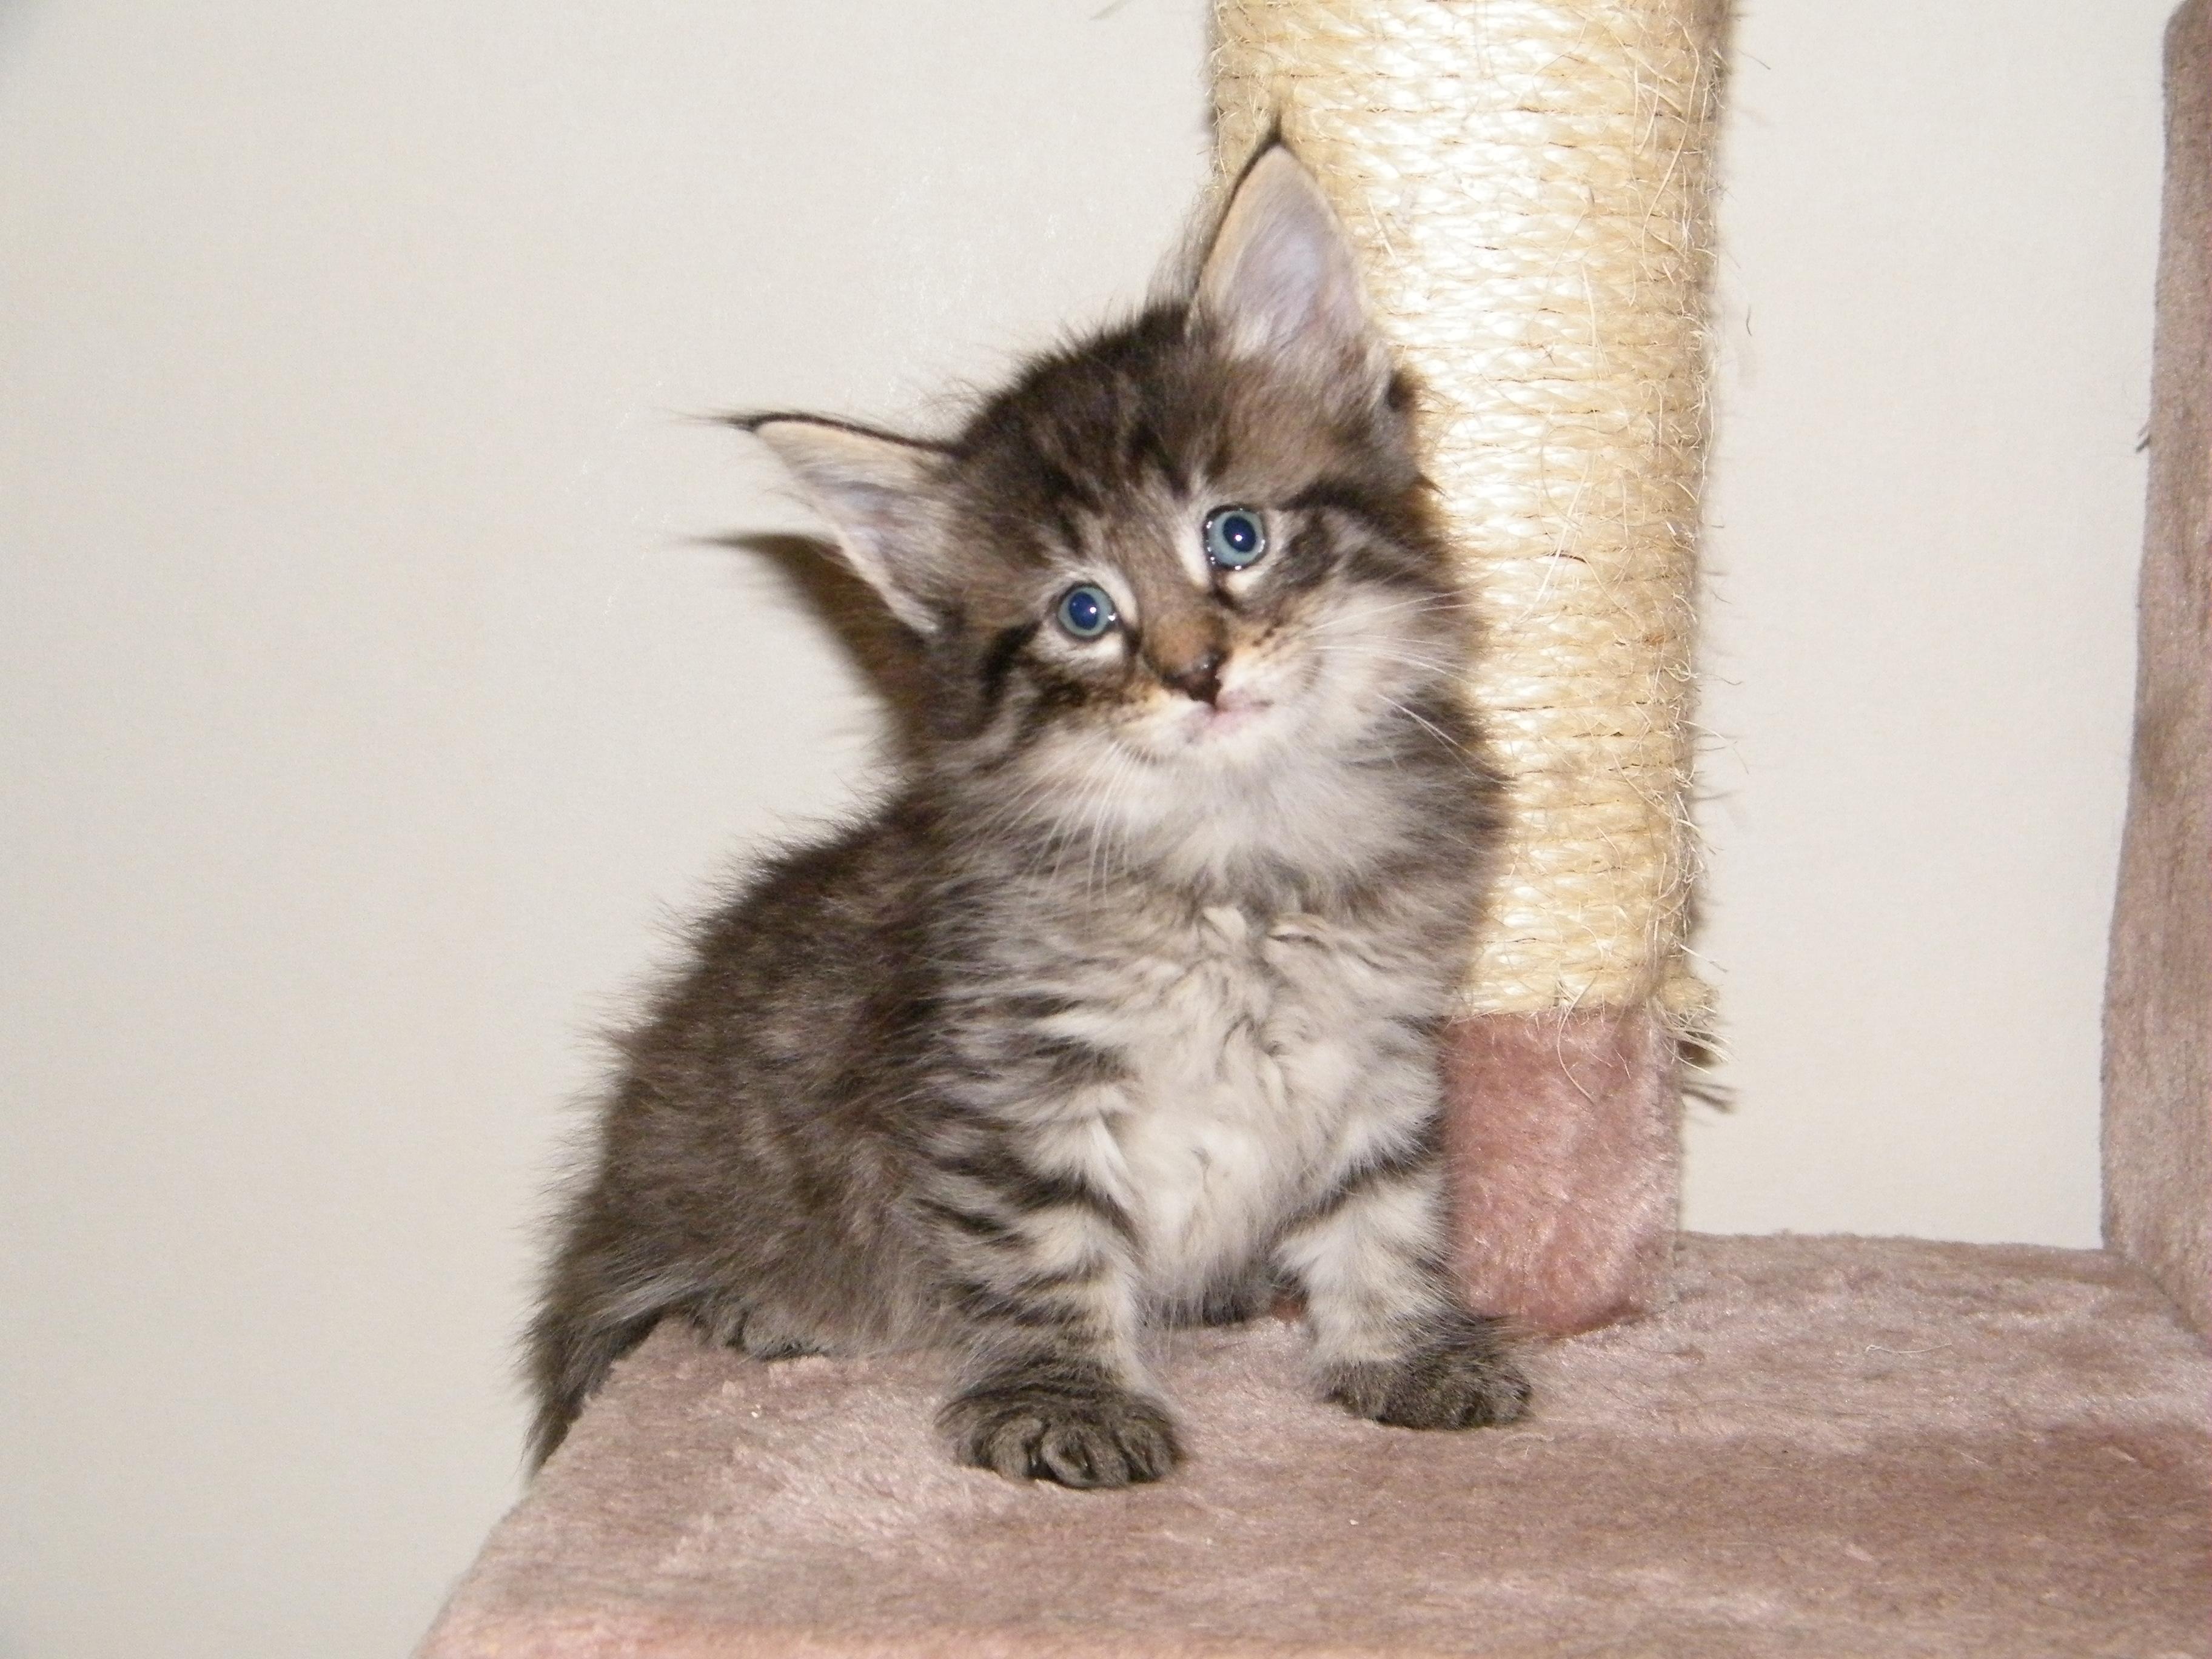 S StarsHollow's Har 7 kattungar till salu 09 Kattungar till salu Norsk Skogkatt iFokus